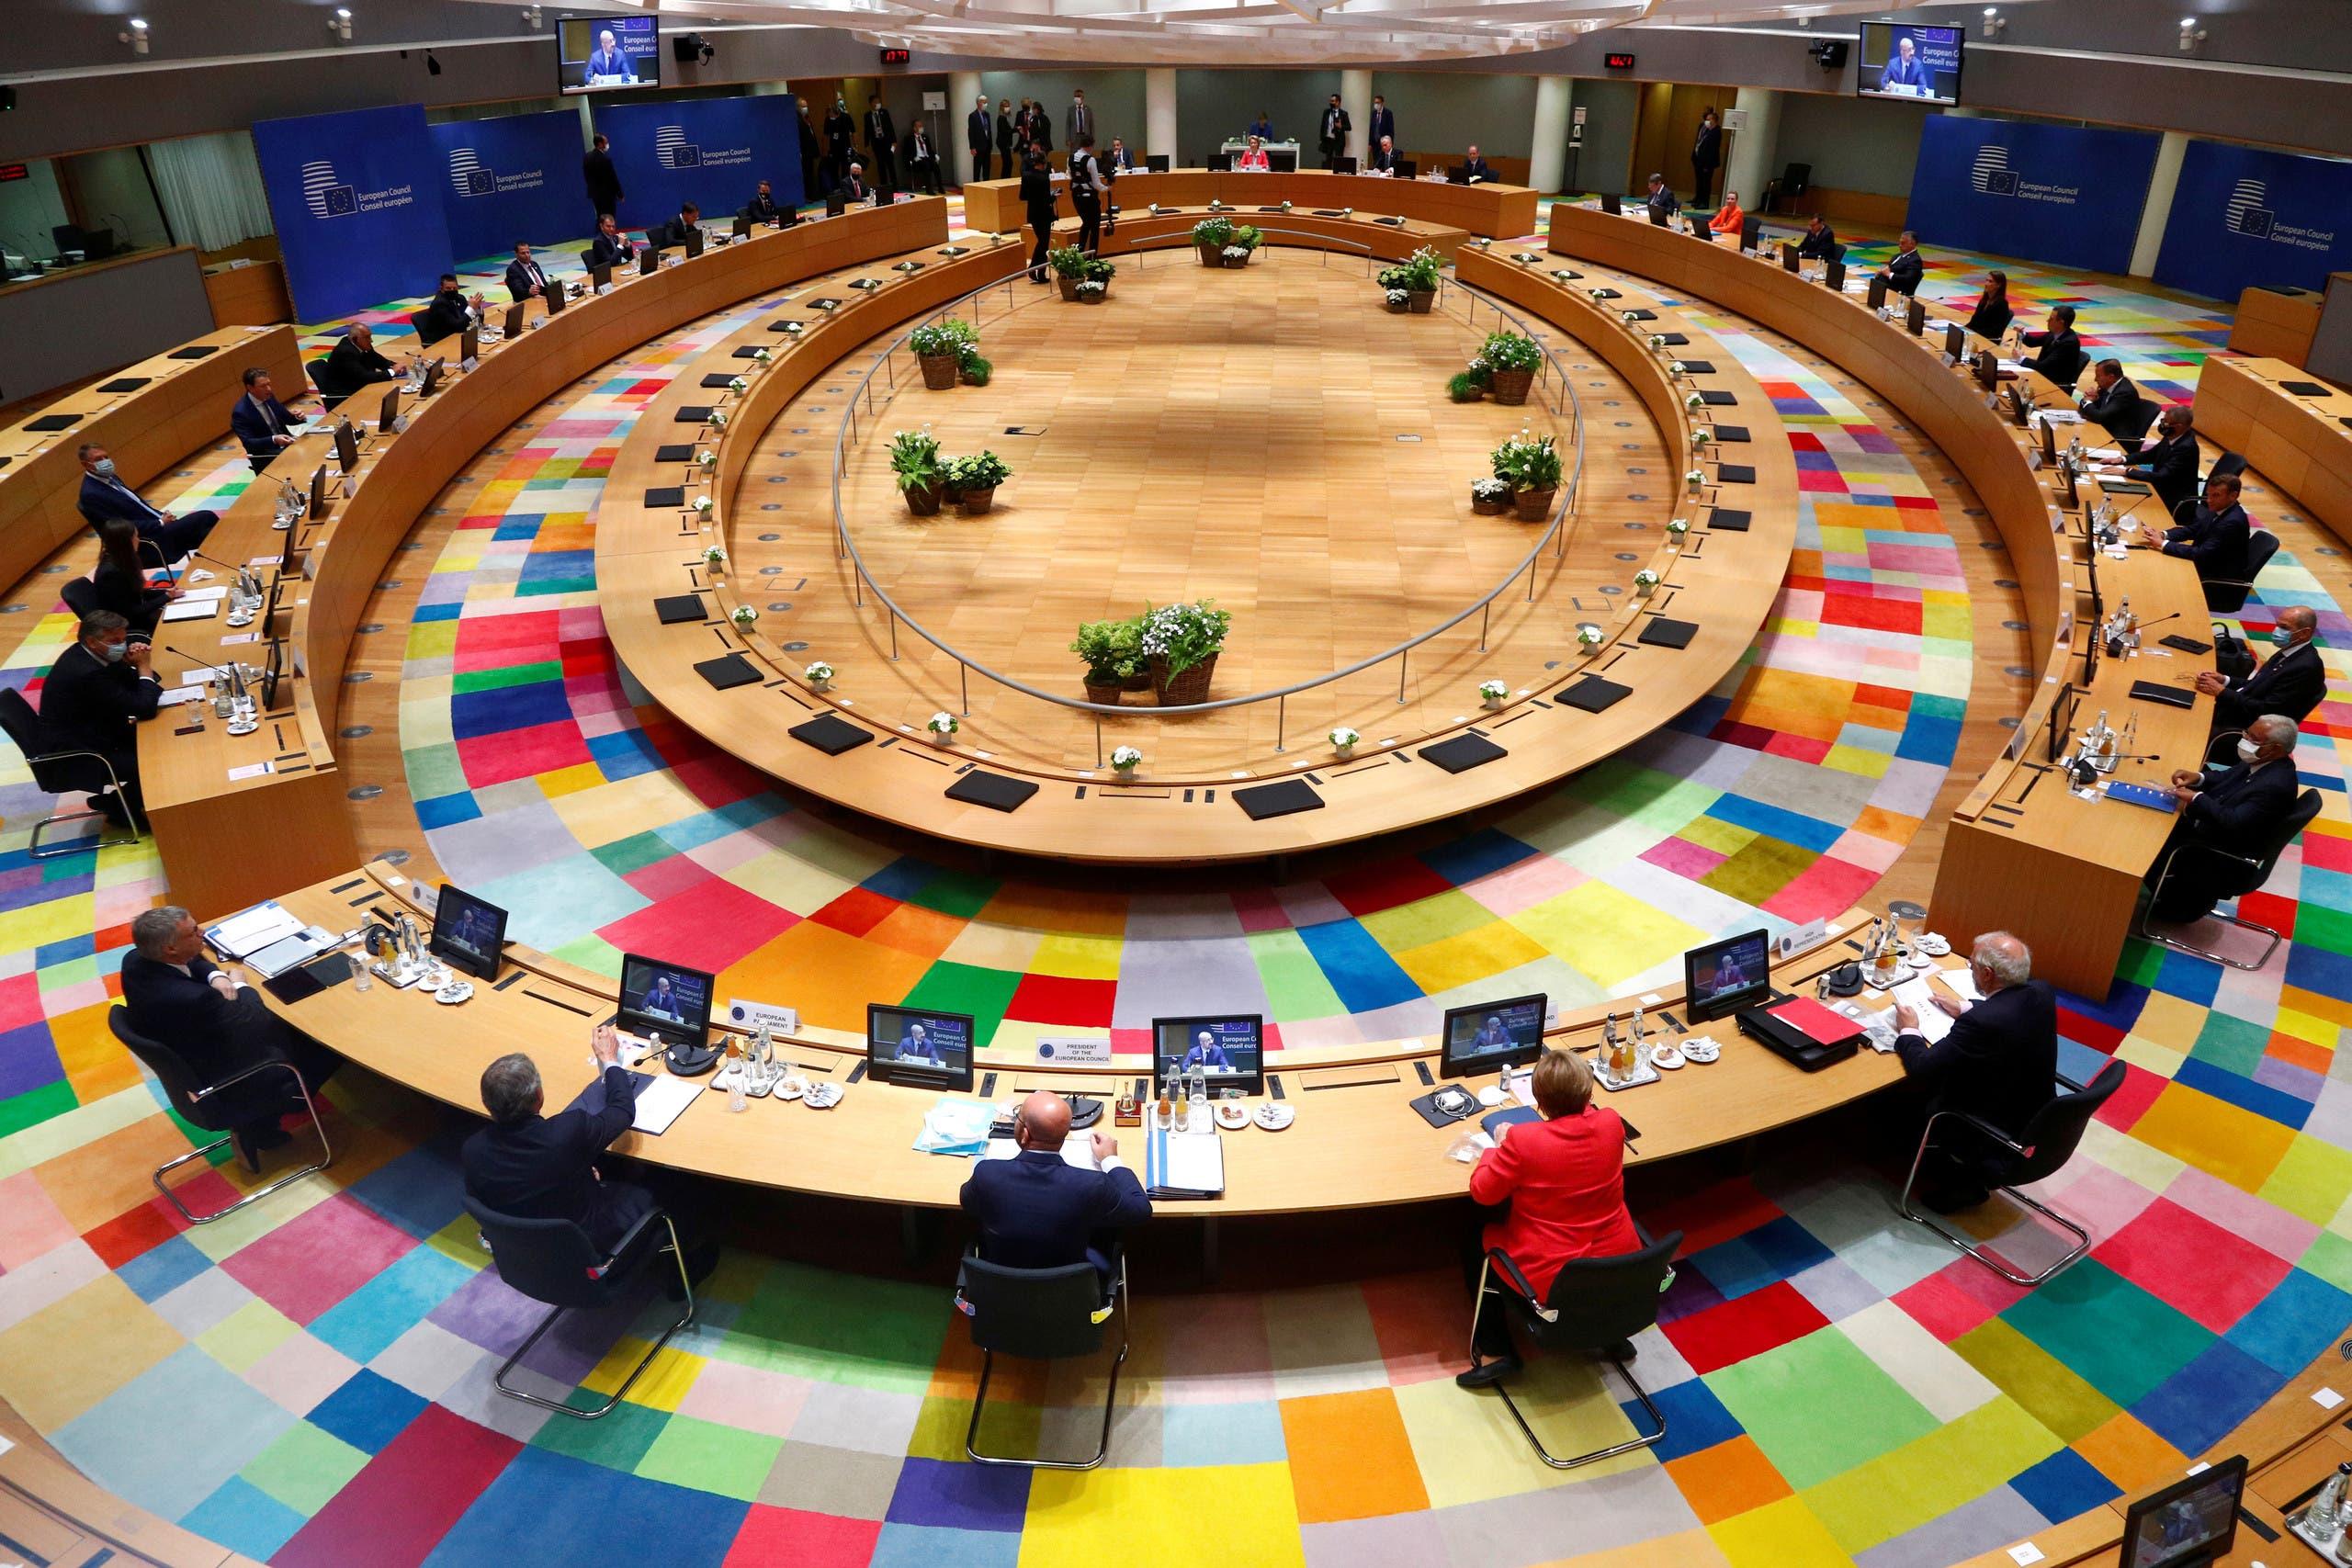 القاعدة حيث اجتمع القادة الأوروبيون